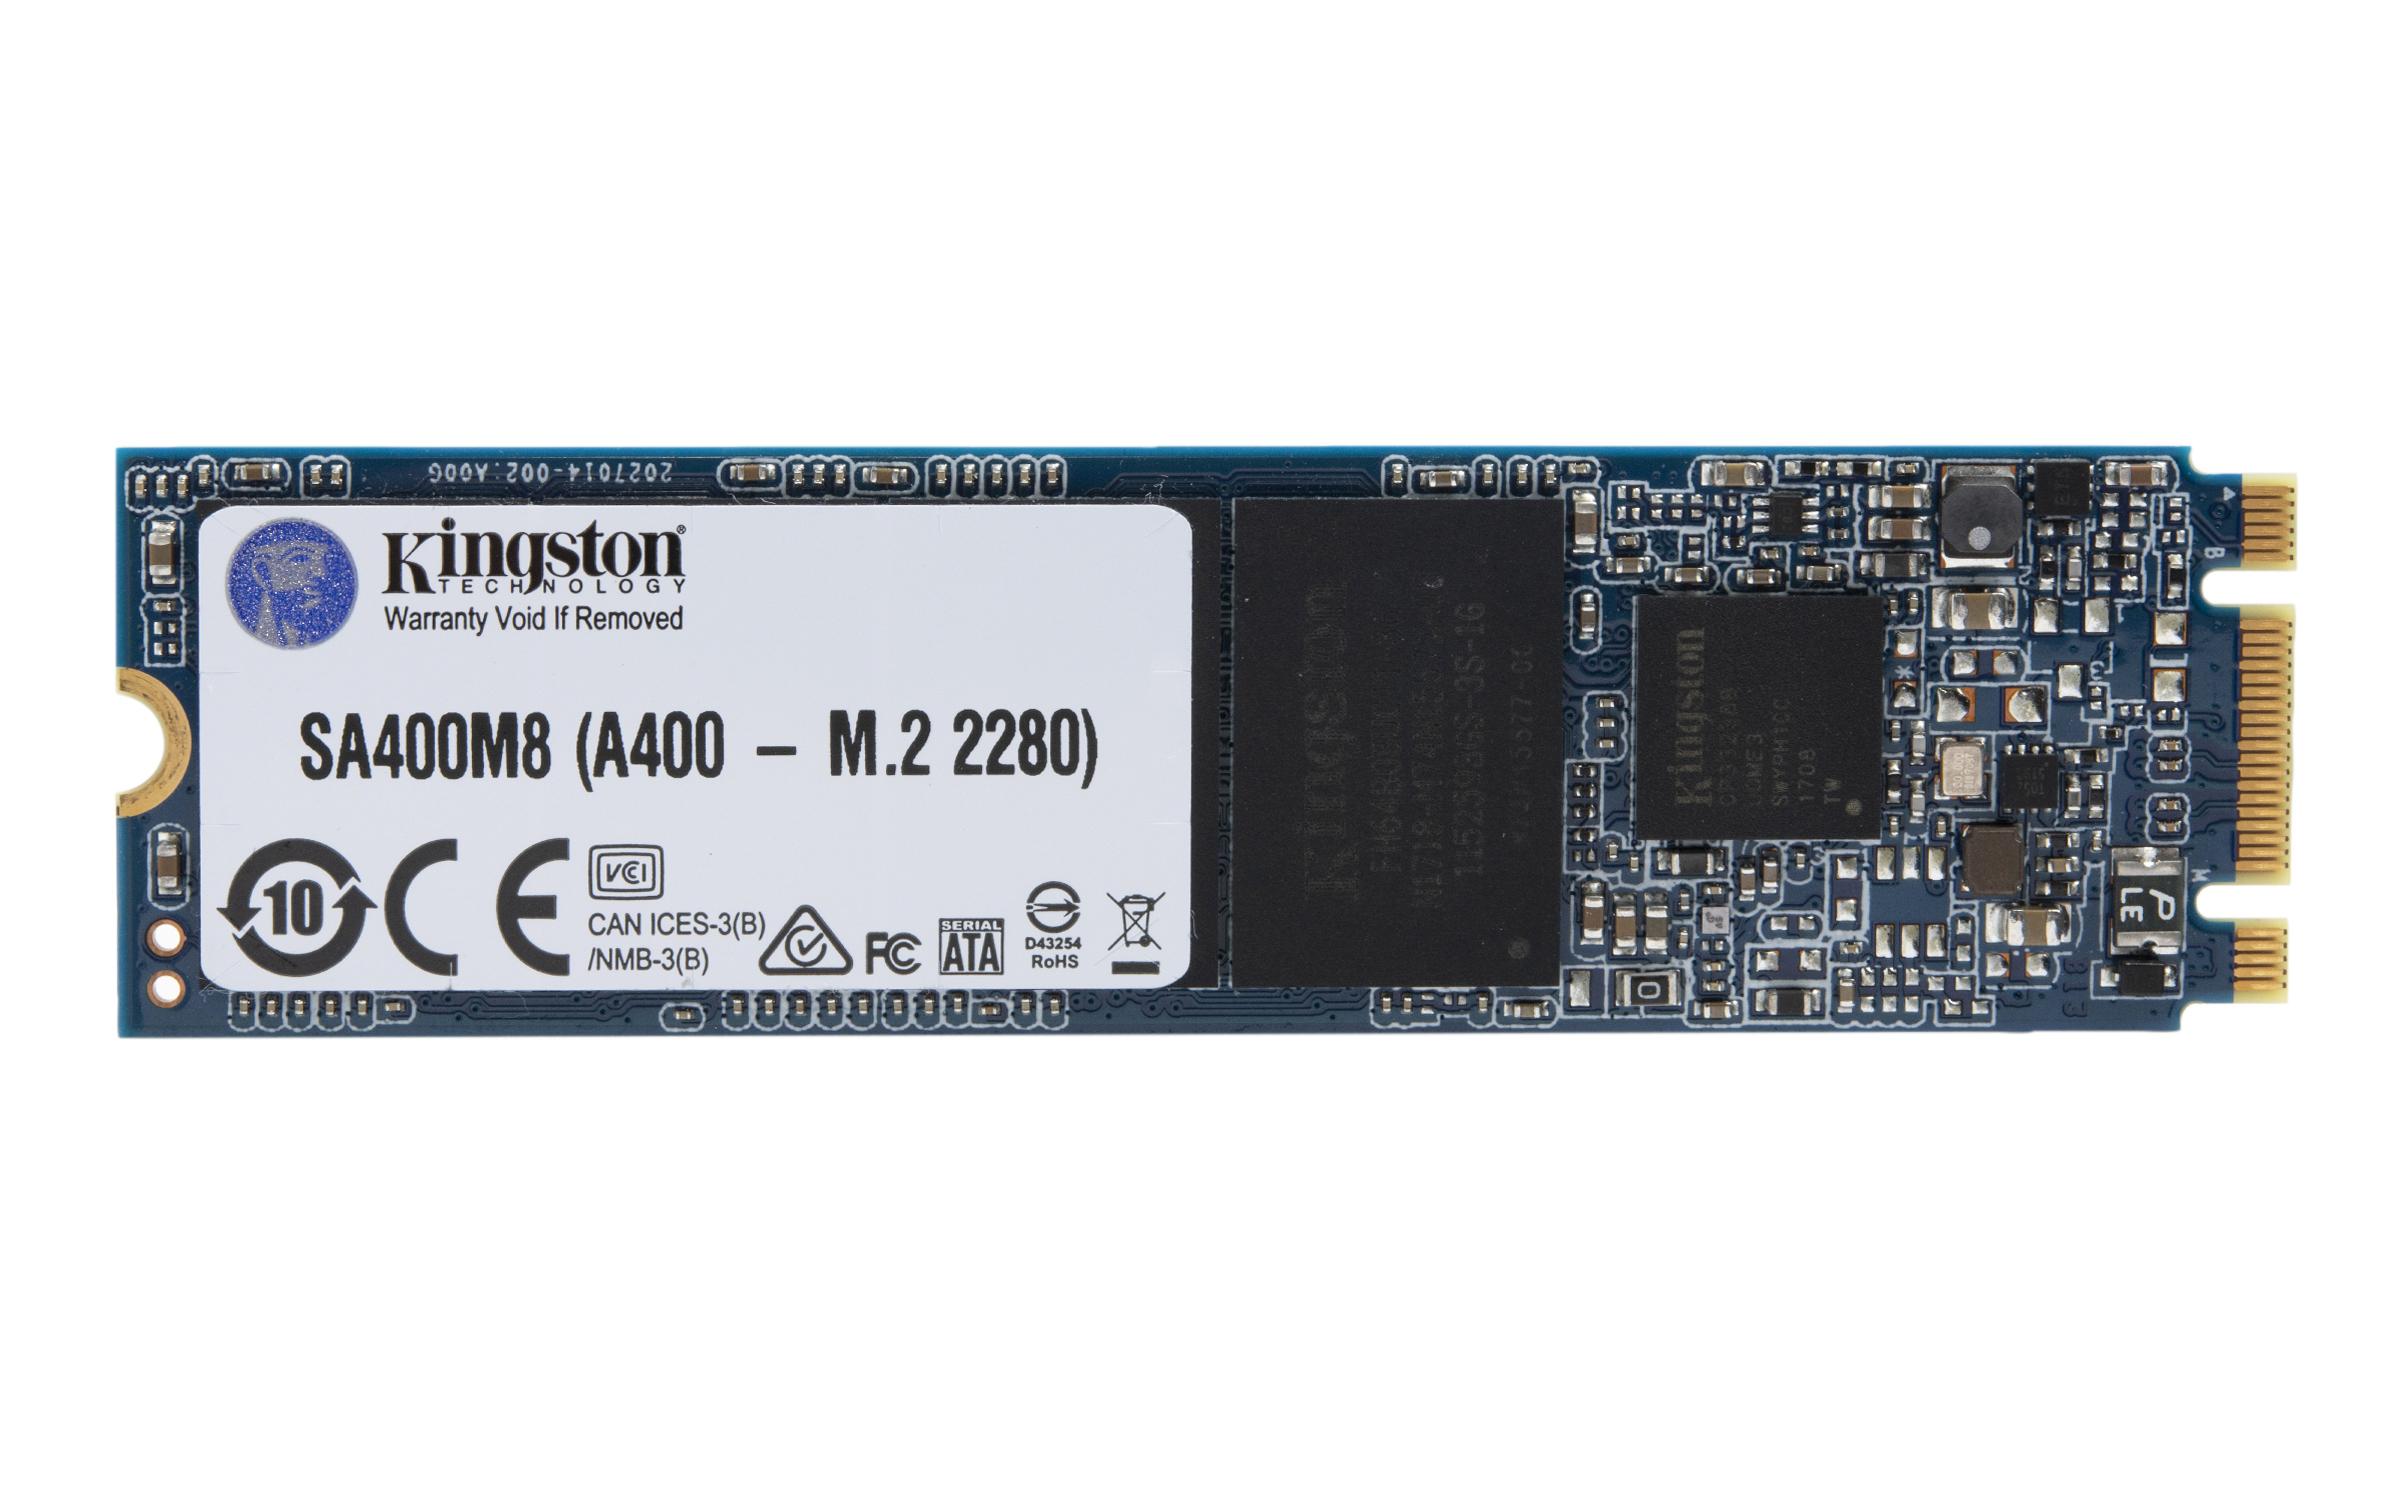 SA400M8/480G